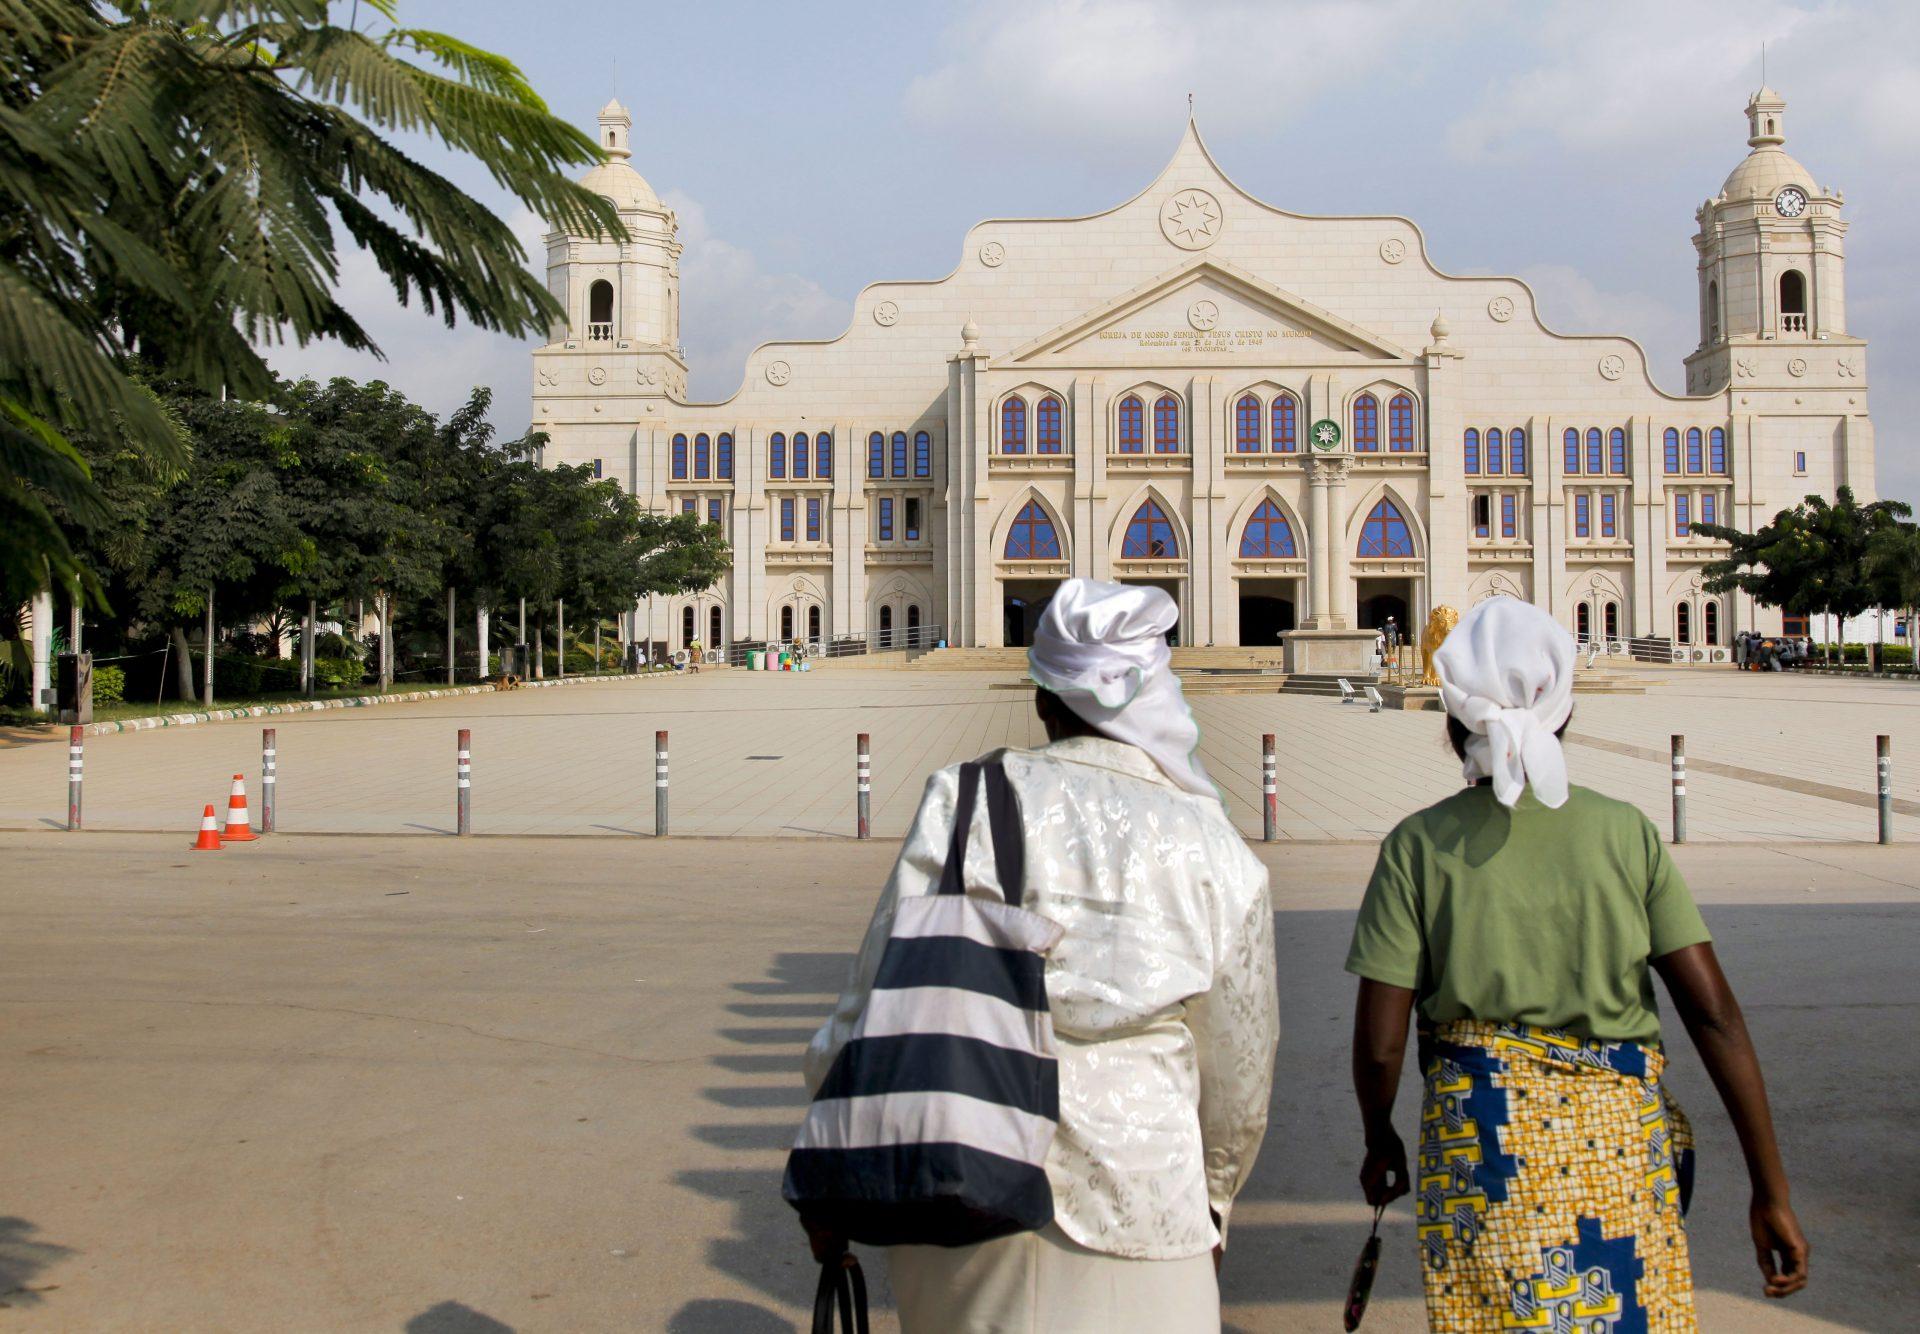 40 anos/Angola: Igrejas e seitas proliferaram